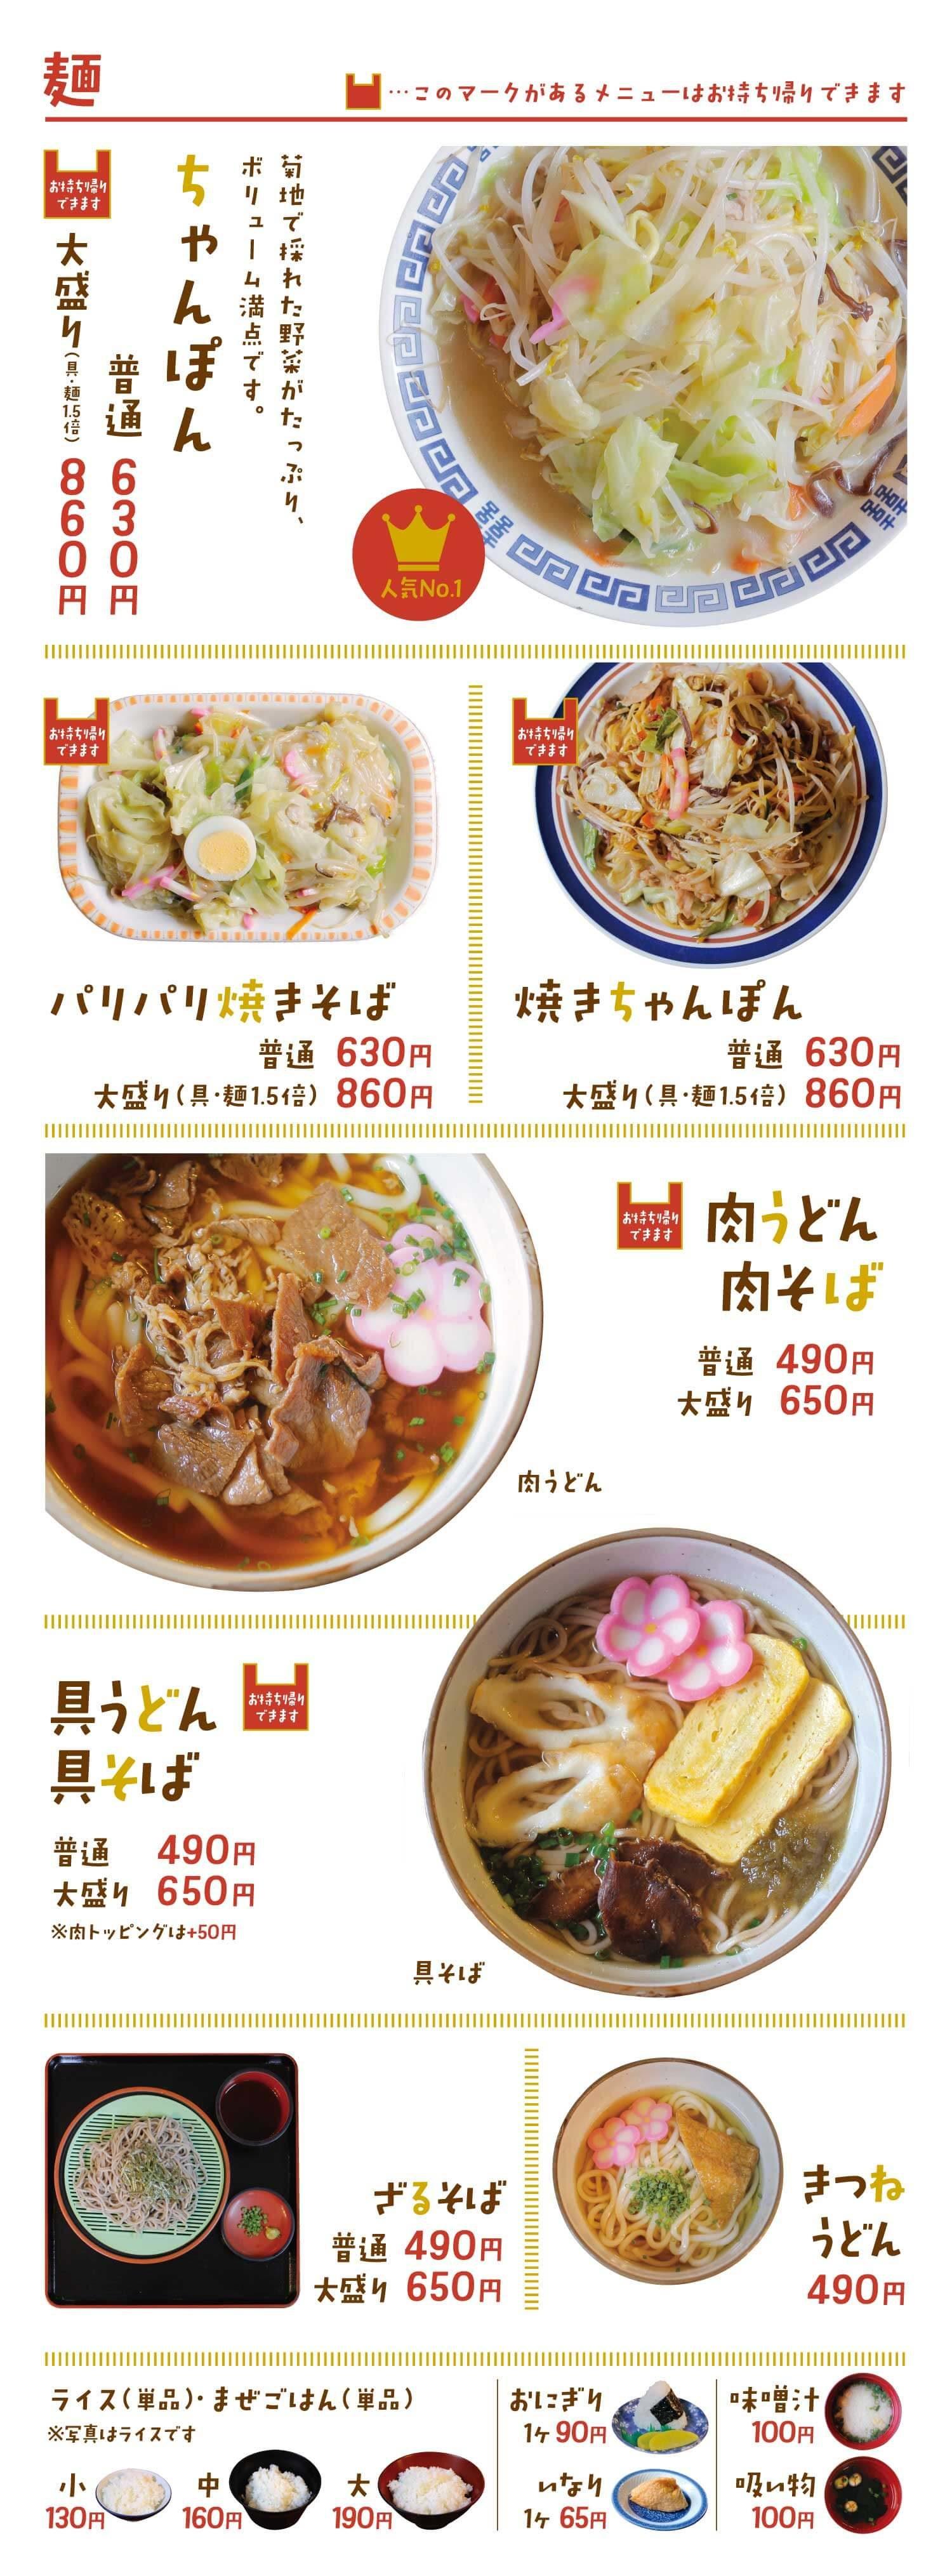 麺メニュー表